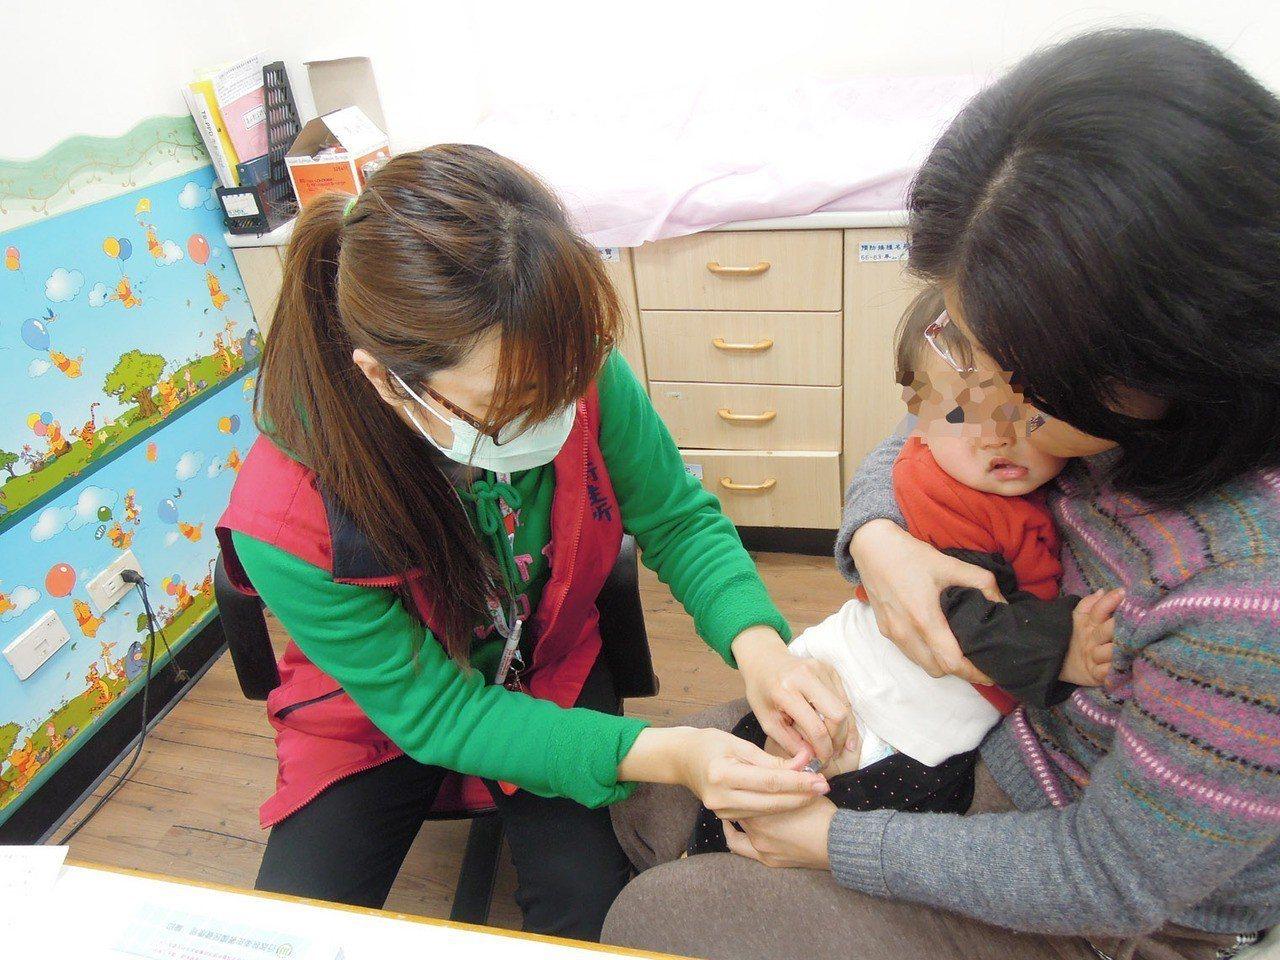 疾管署昨公布,國內上周新增六例經審查與流感相關死亡病例。圖非當事人。 圖/衛生局...